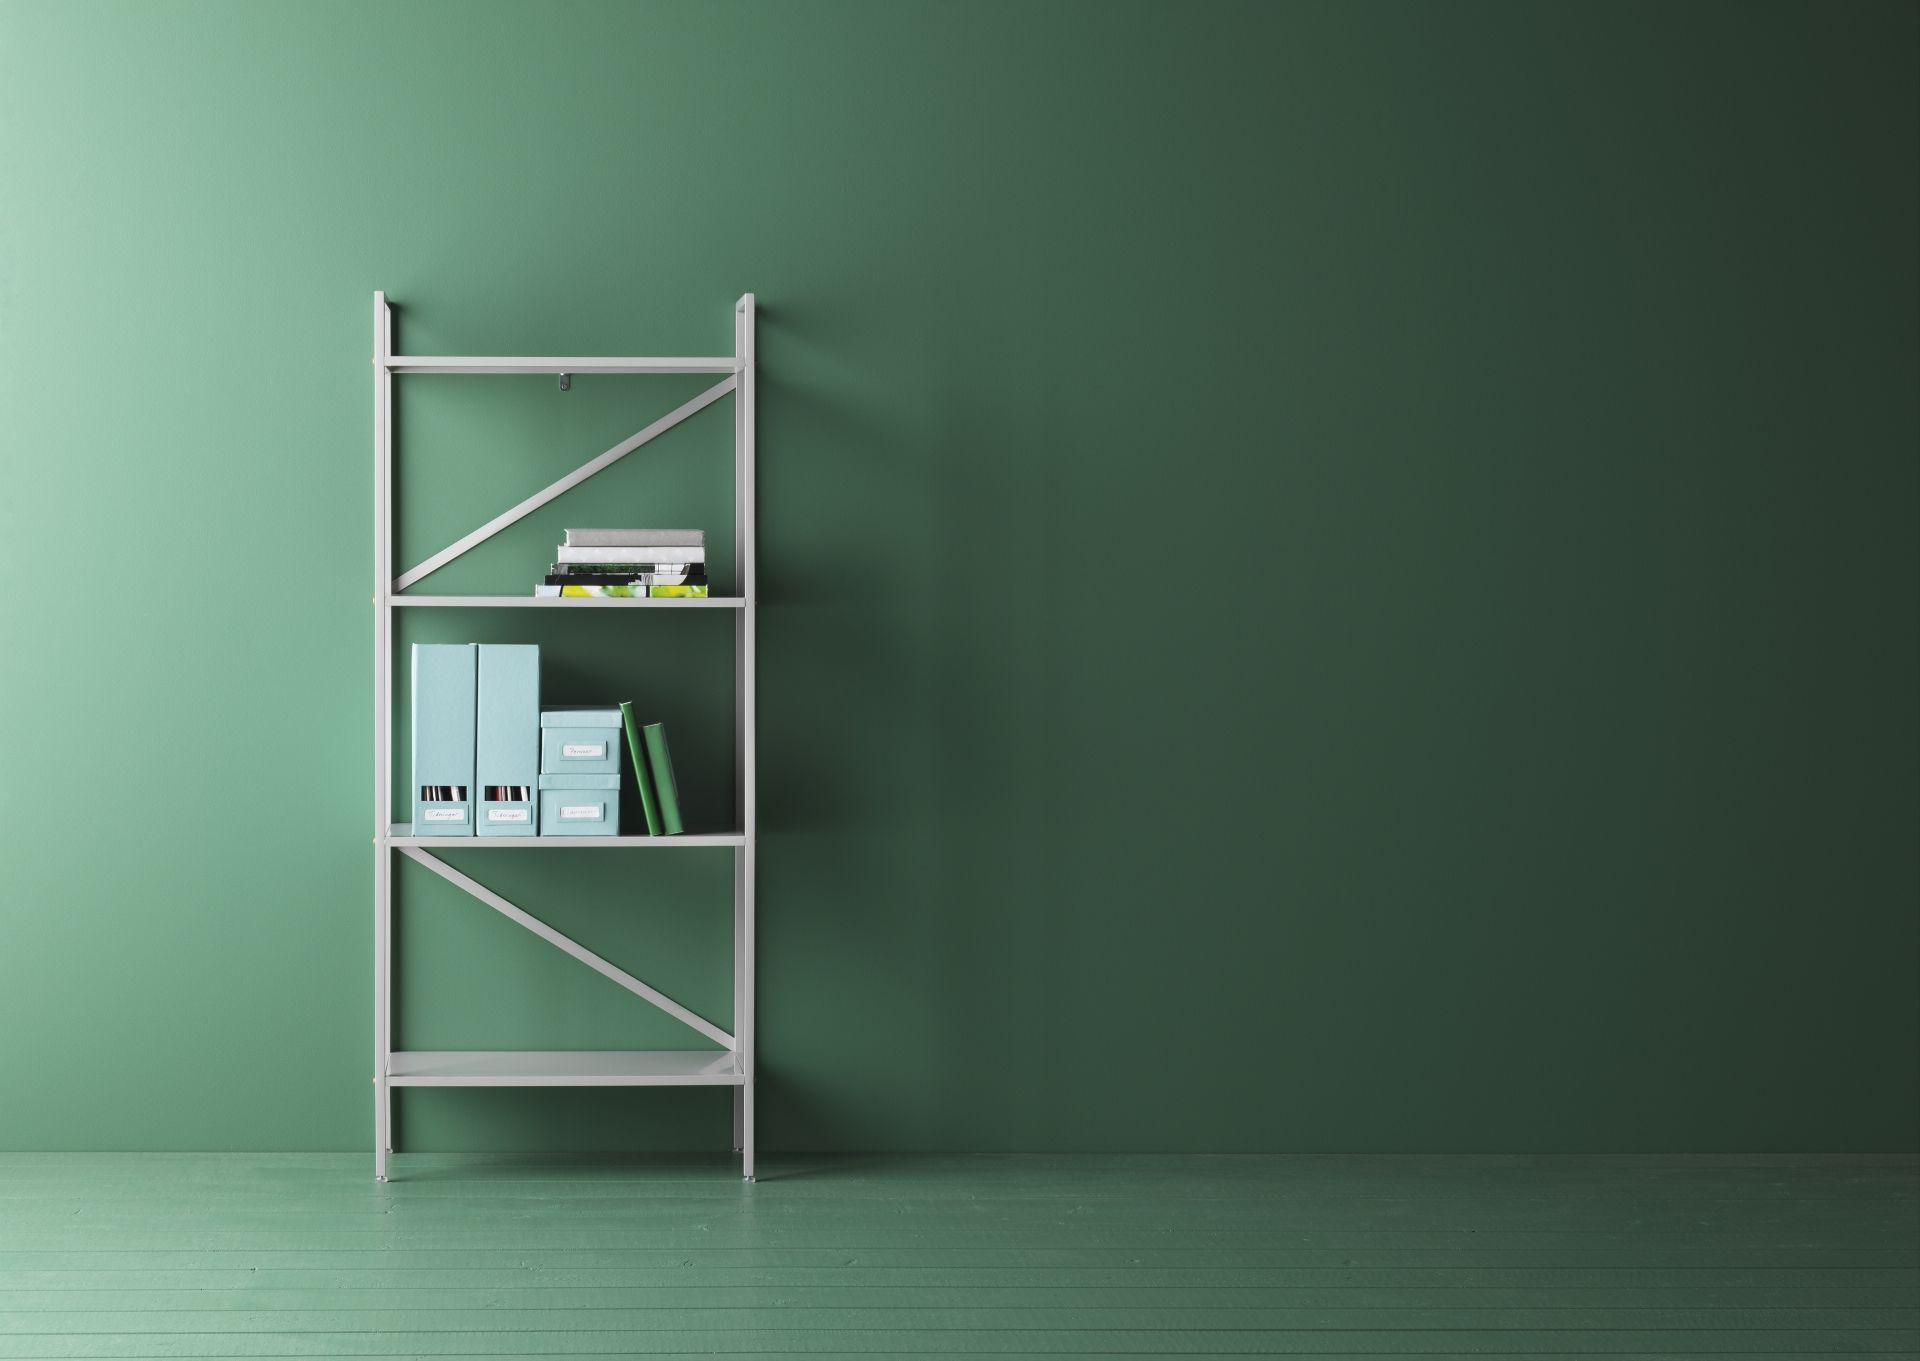 Stalen Kast Ikea : Ikea kast nordli verrukkelijk ikea kast zelf samenstellen koel